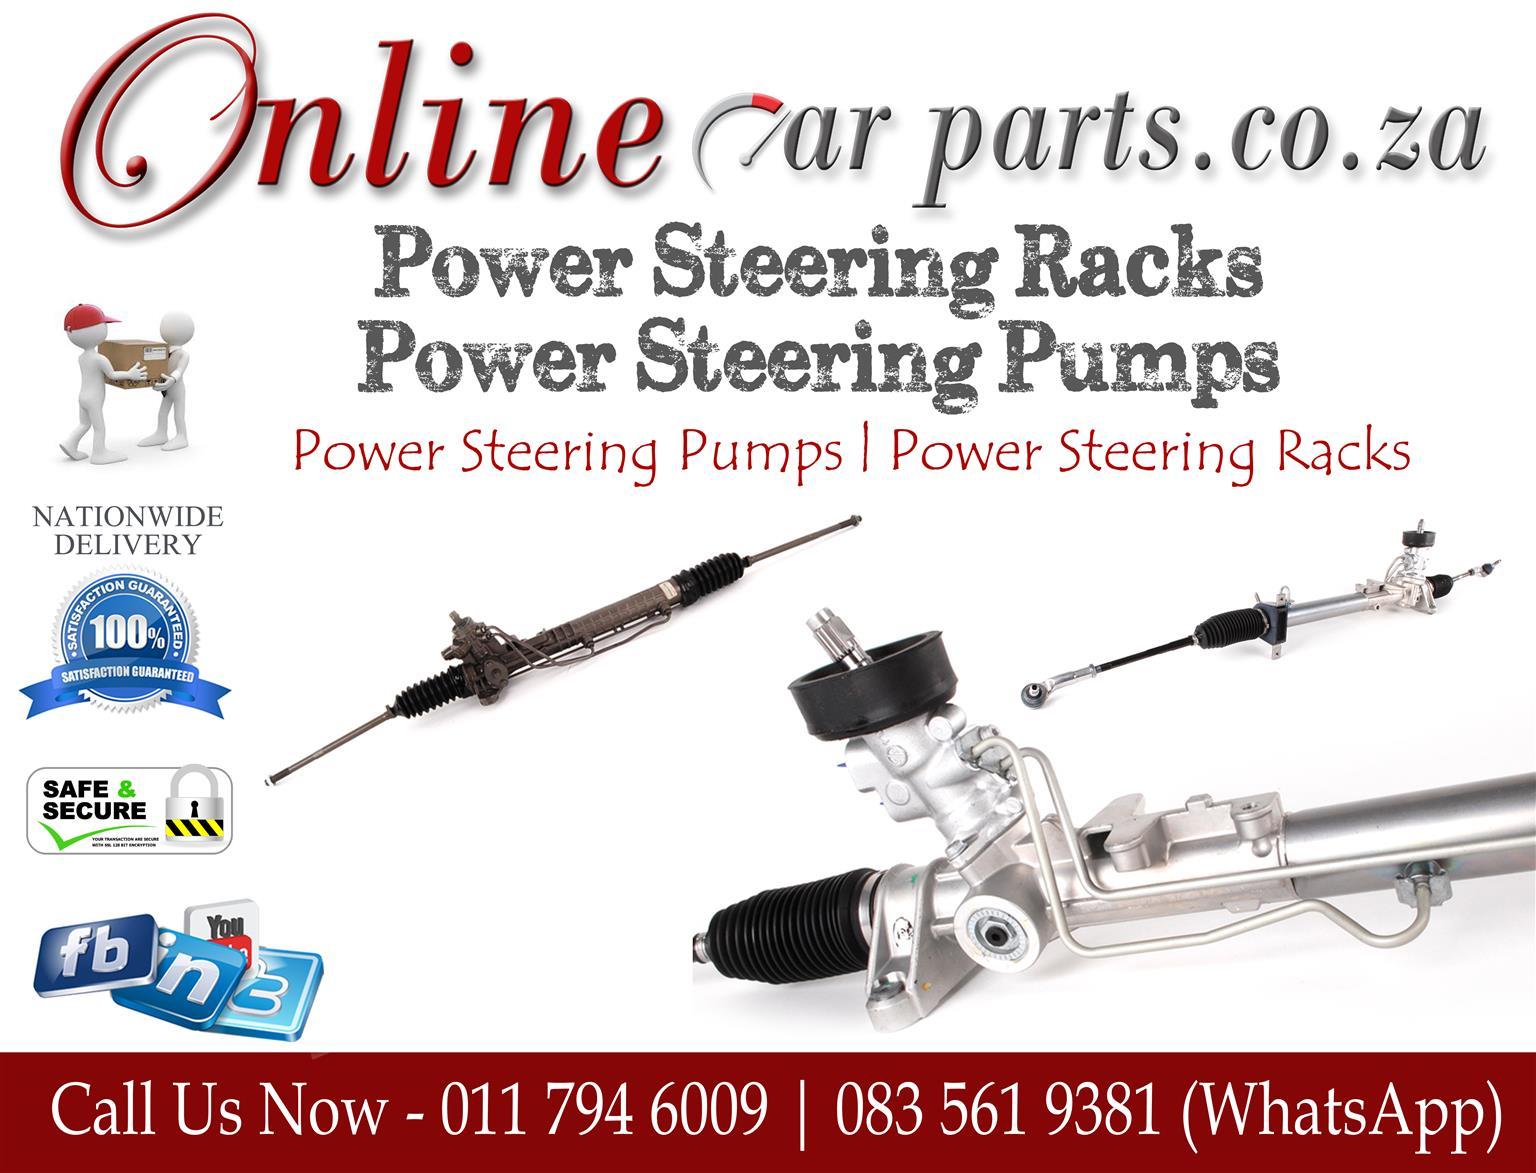 High Quality Power Steering Racks Power Steering Pumps Rack Ends Tie Rod Ends